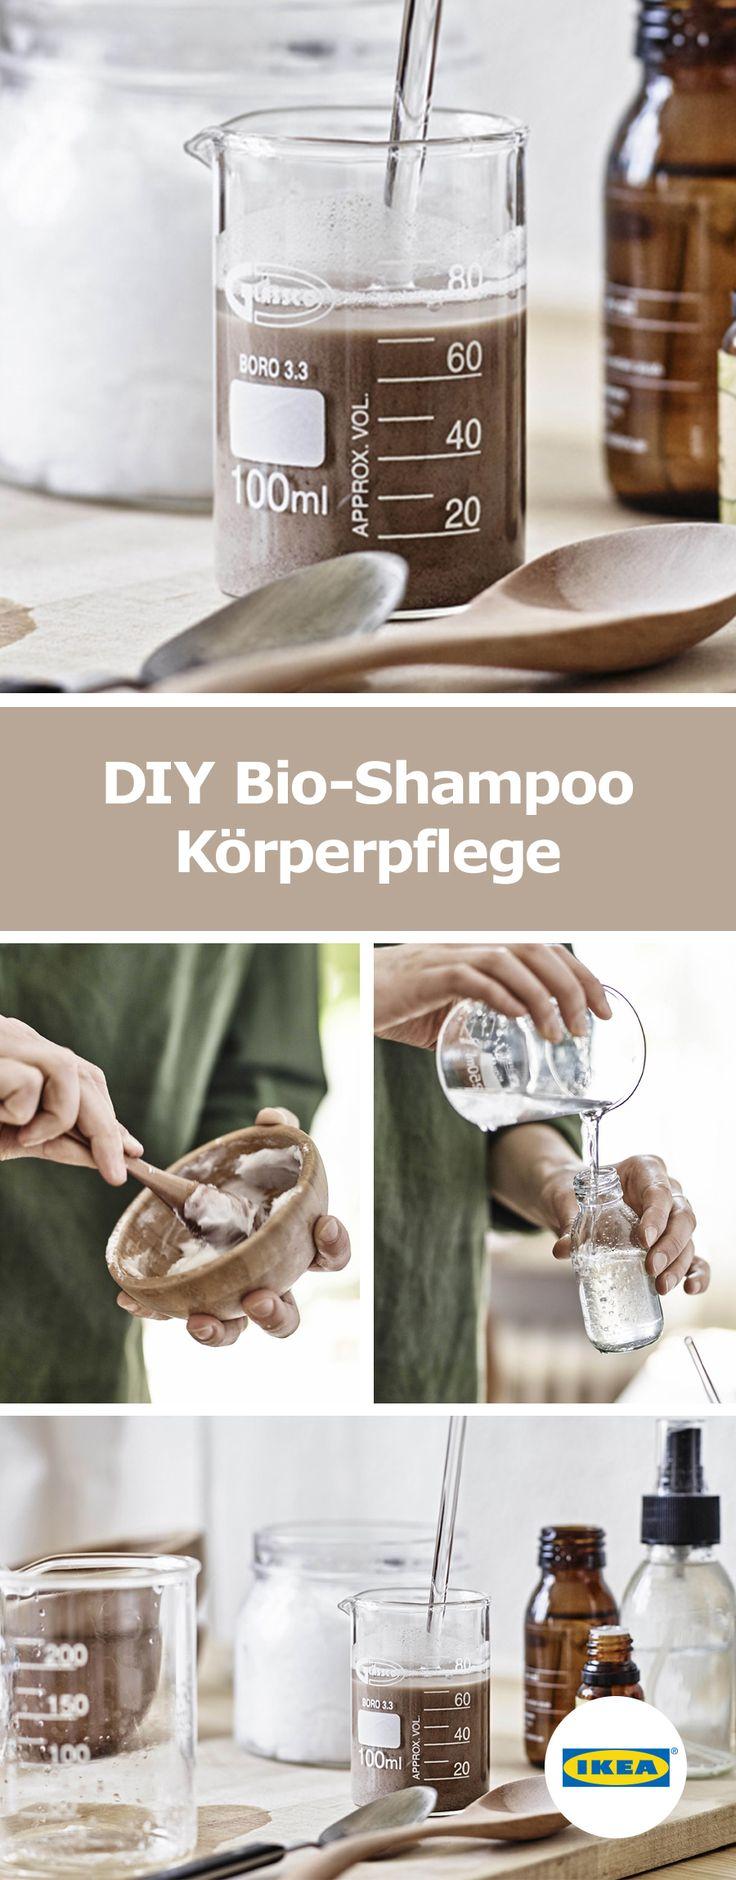 IKEA Deutschland | Bio-Shampoo Körperpflege